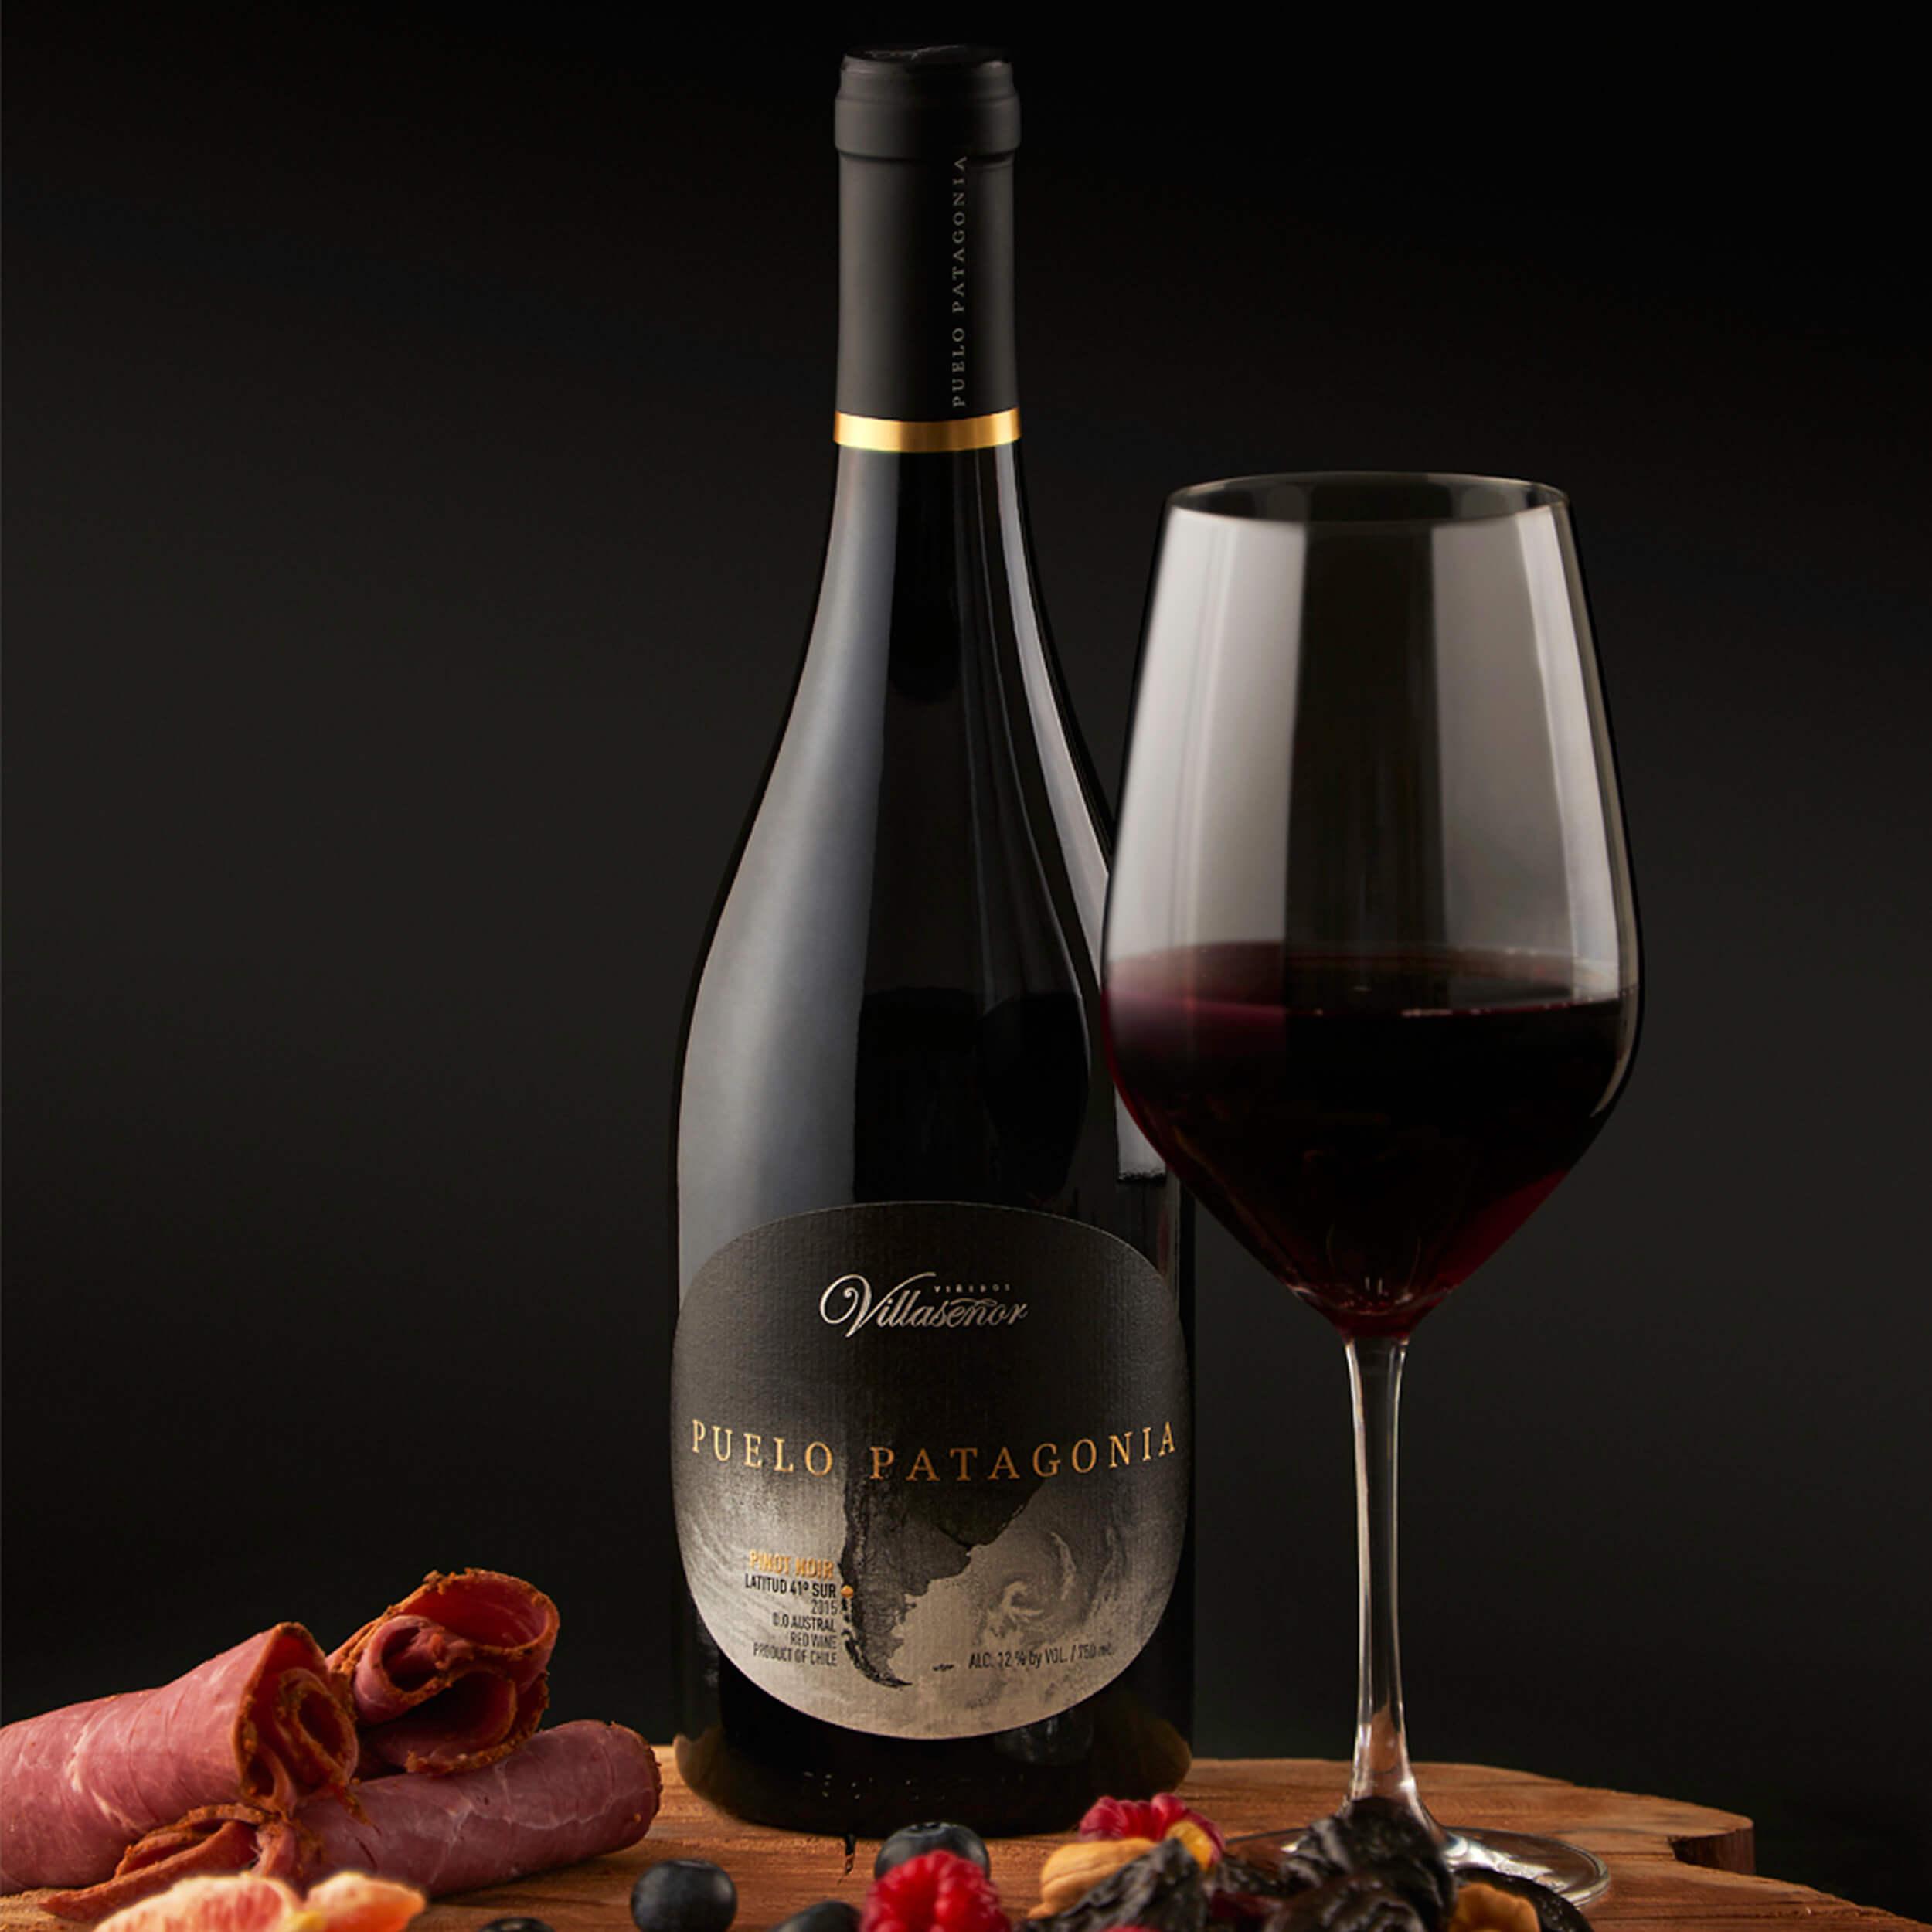 vinos-portada-puelopatagonia-03.jpg